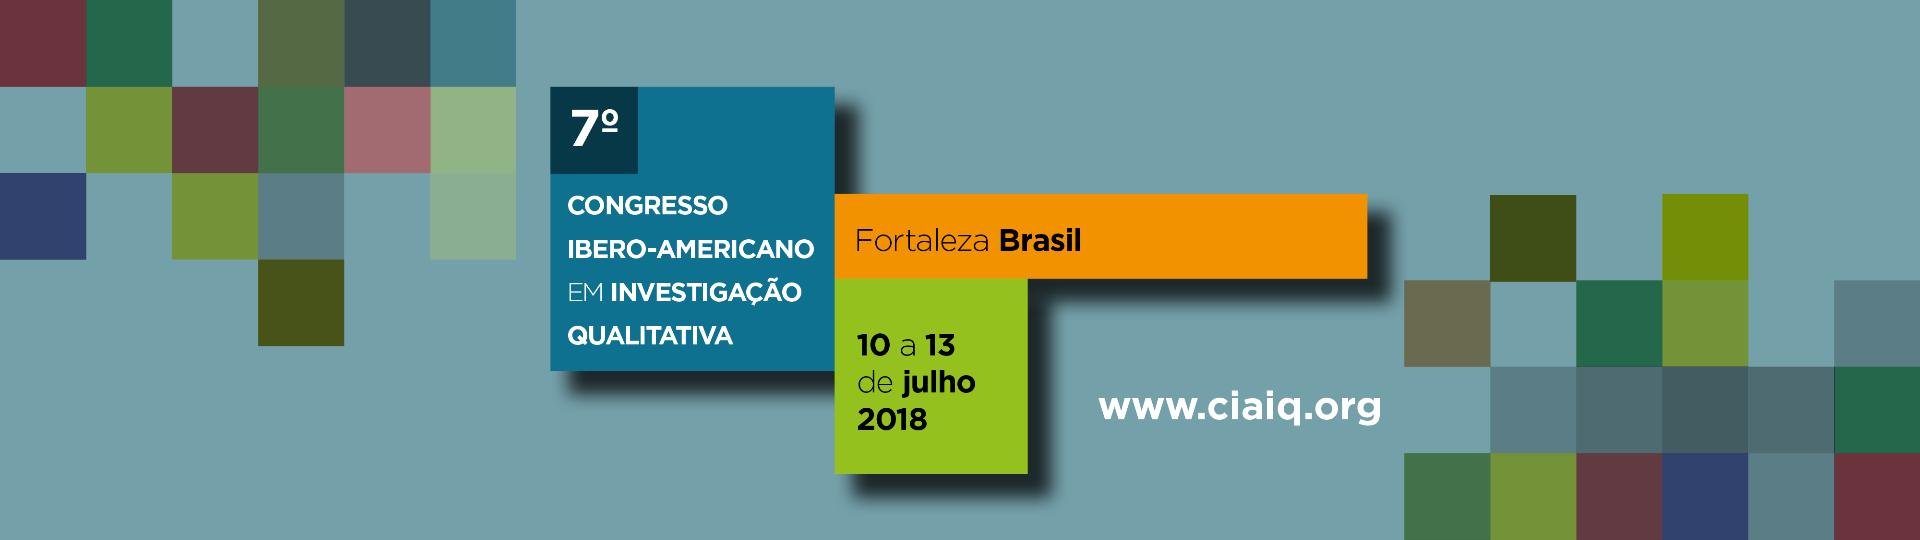 7º Congresso Ibero-Americano em Investigação Qualitativa